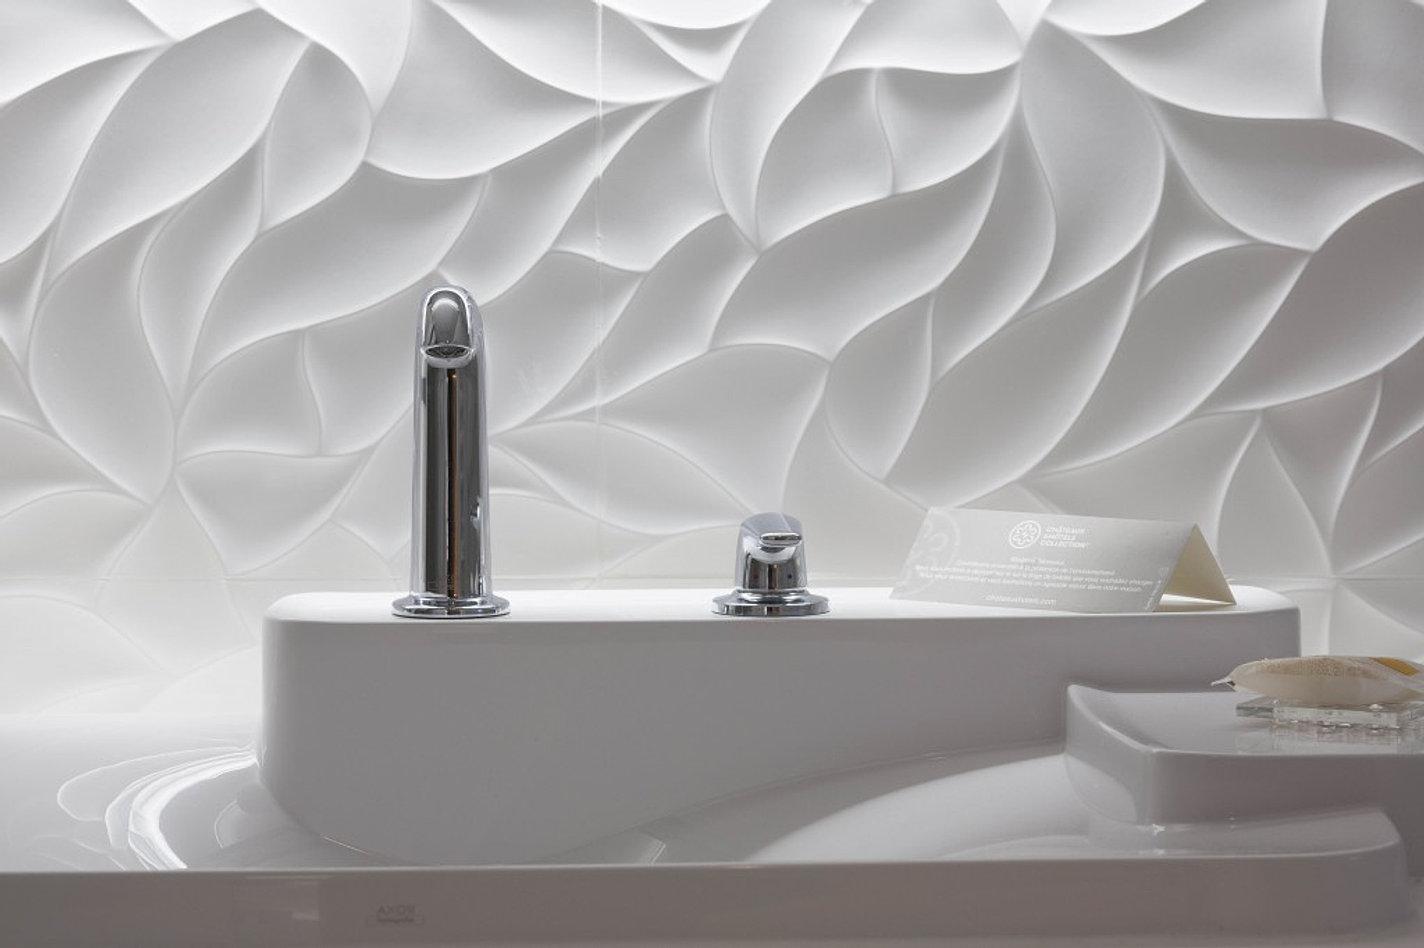 Edilceramiche misano vendita e posa in opera parquet for Arredo bagno aziende produttrici